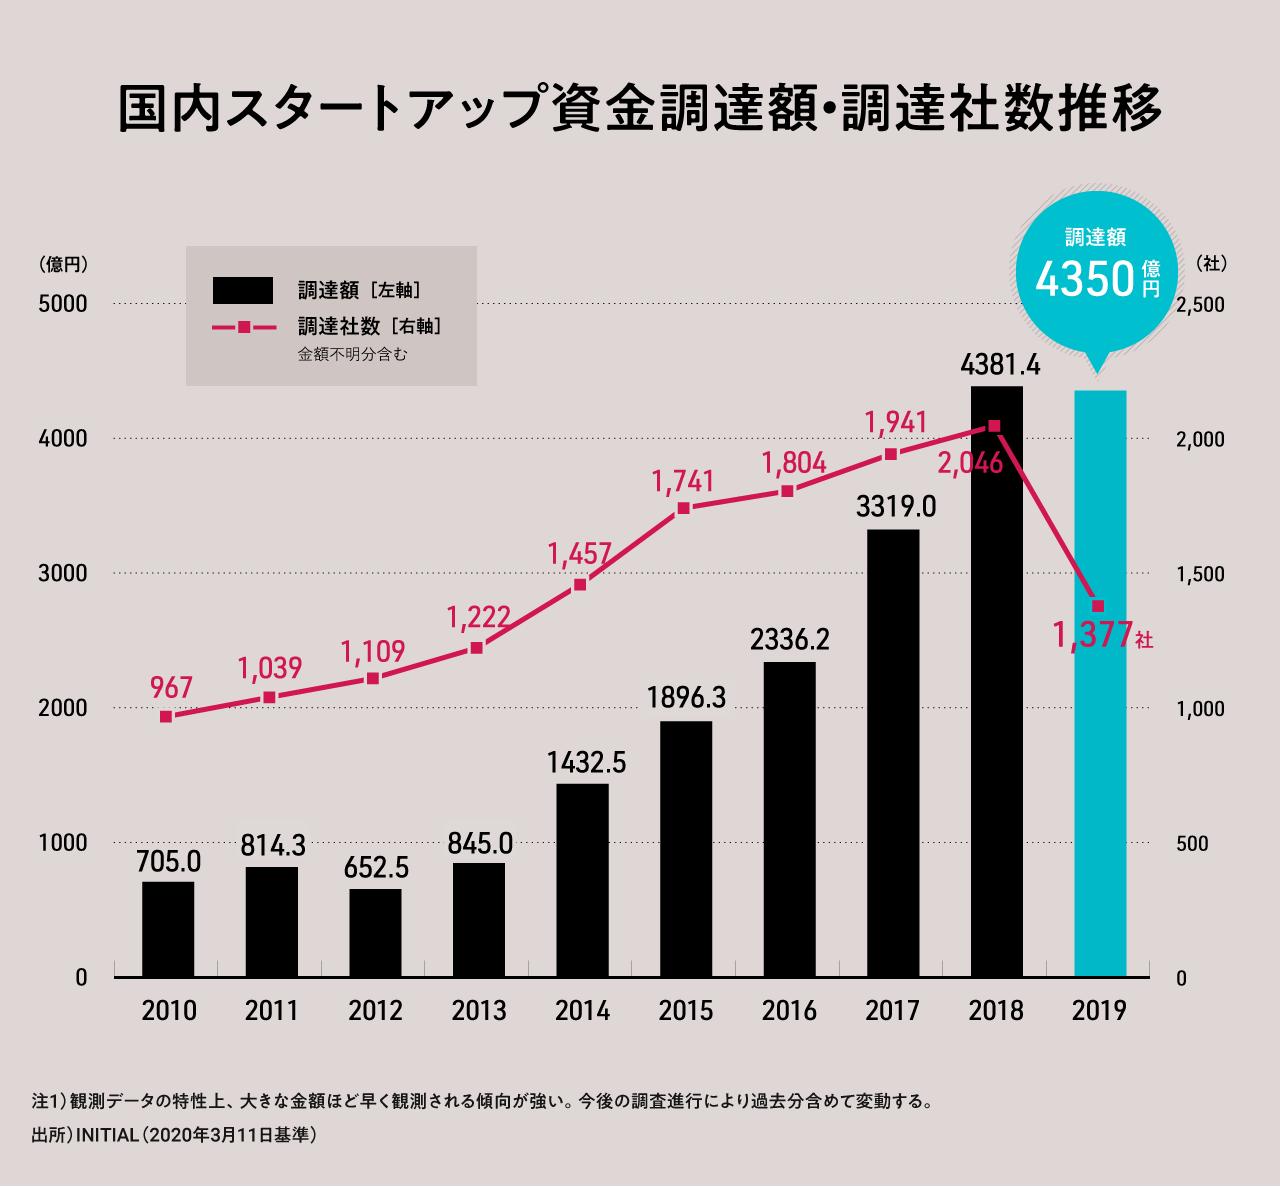 2019年はSaaSの年、国内スタートアップ資金調達額 4350億円